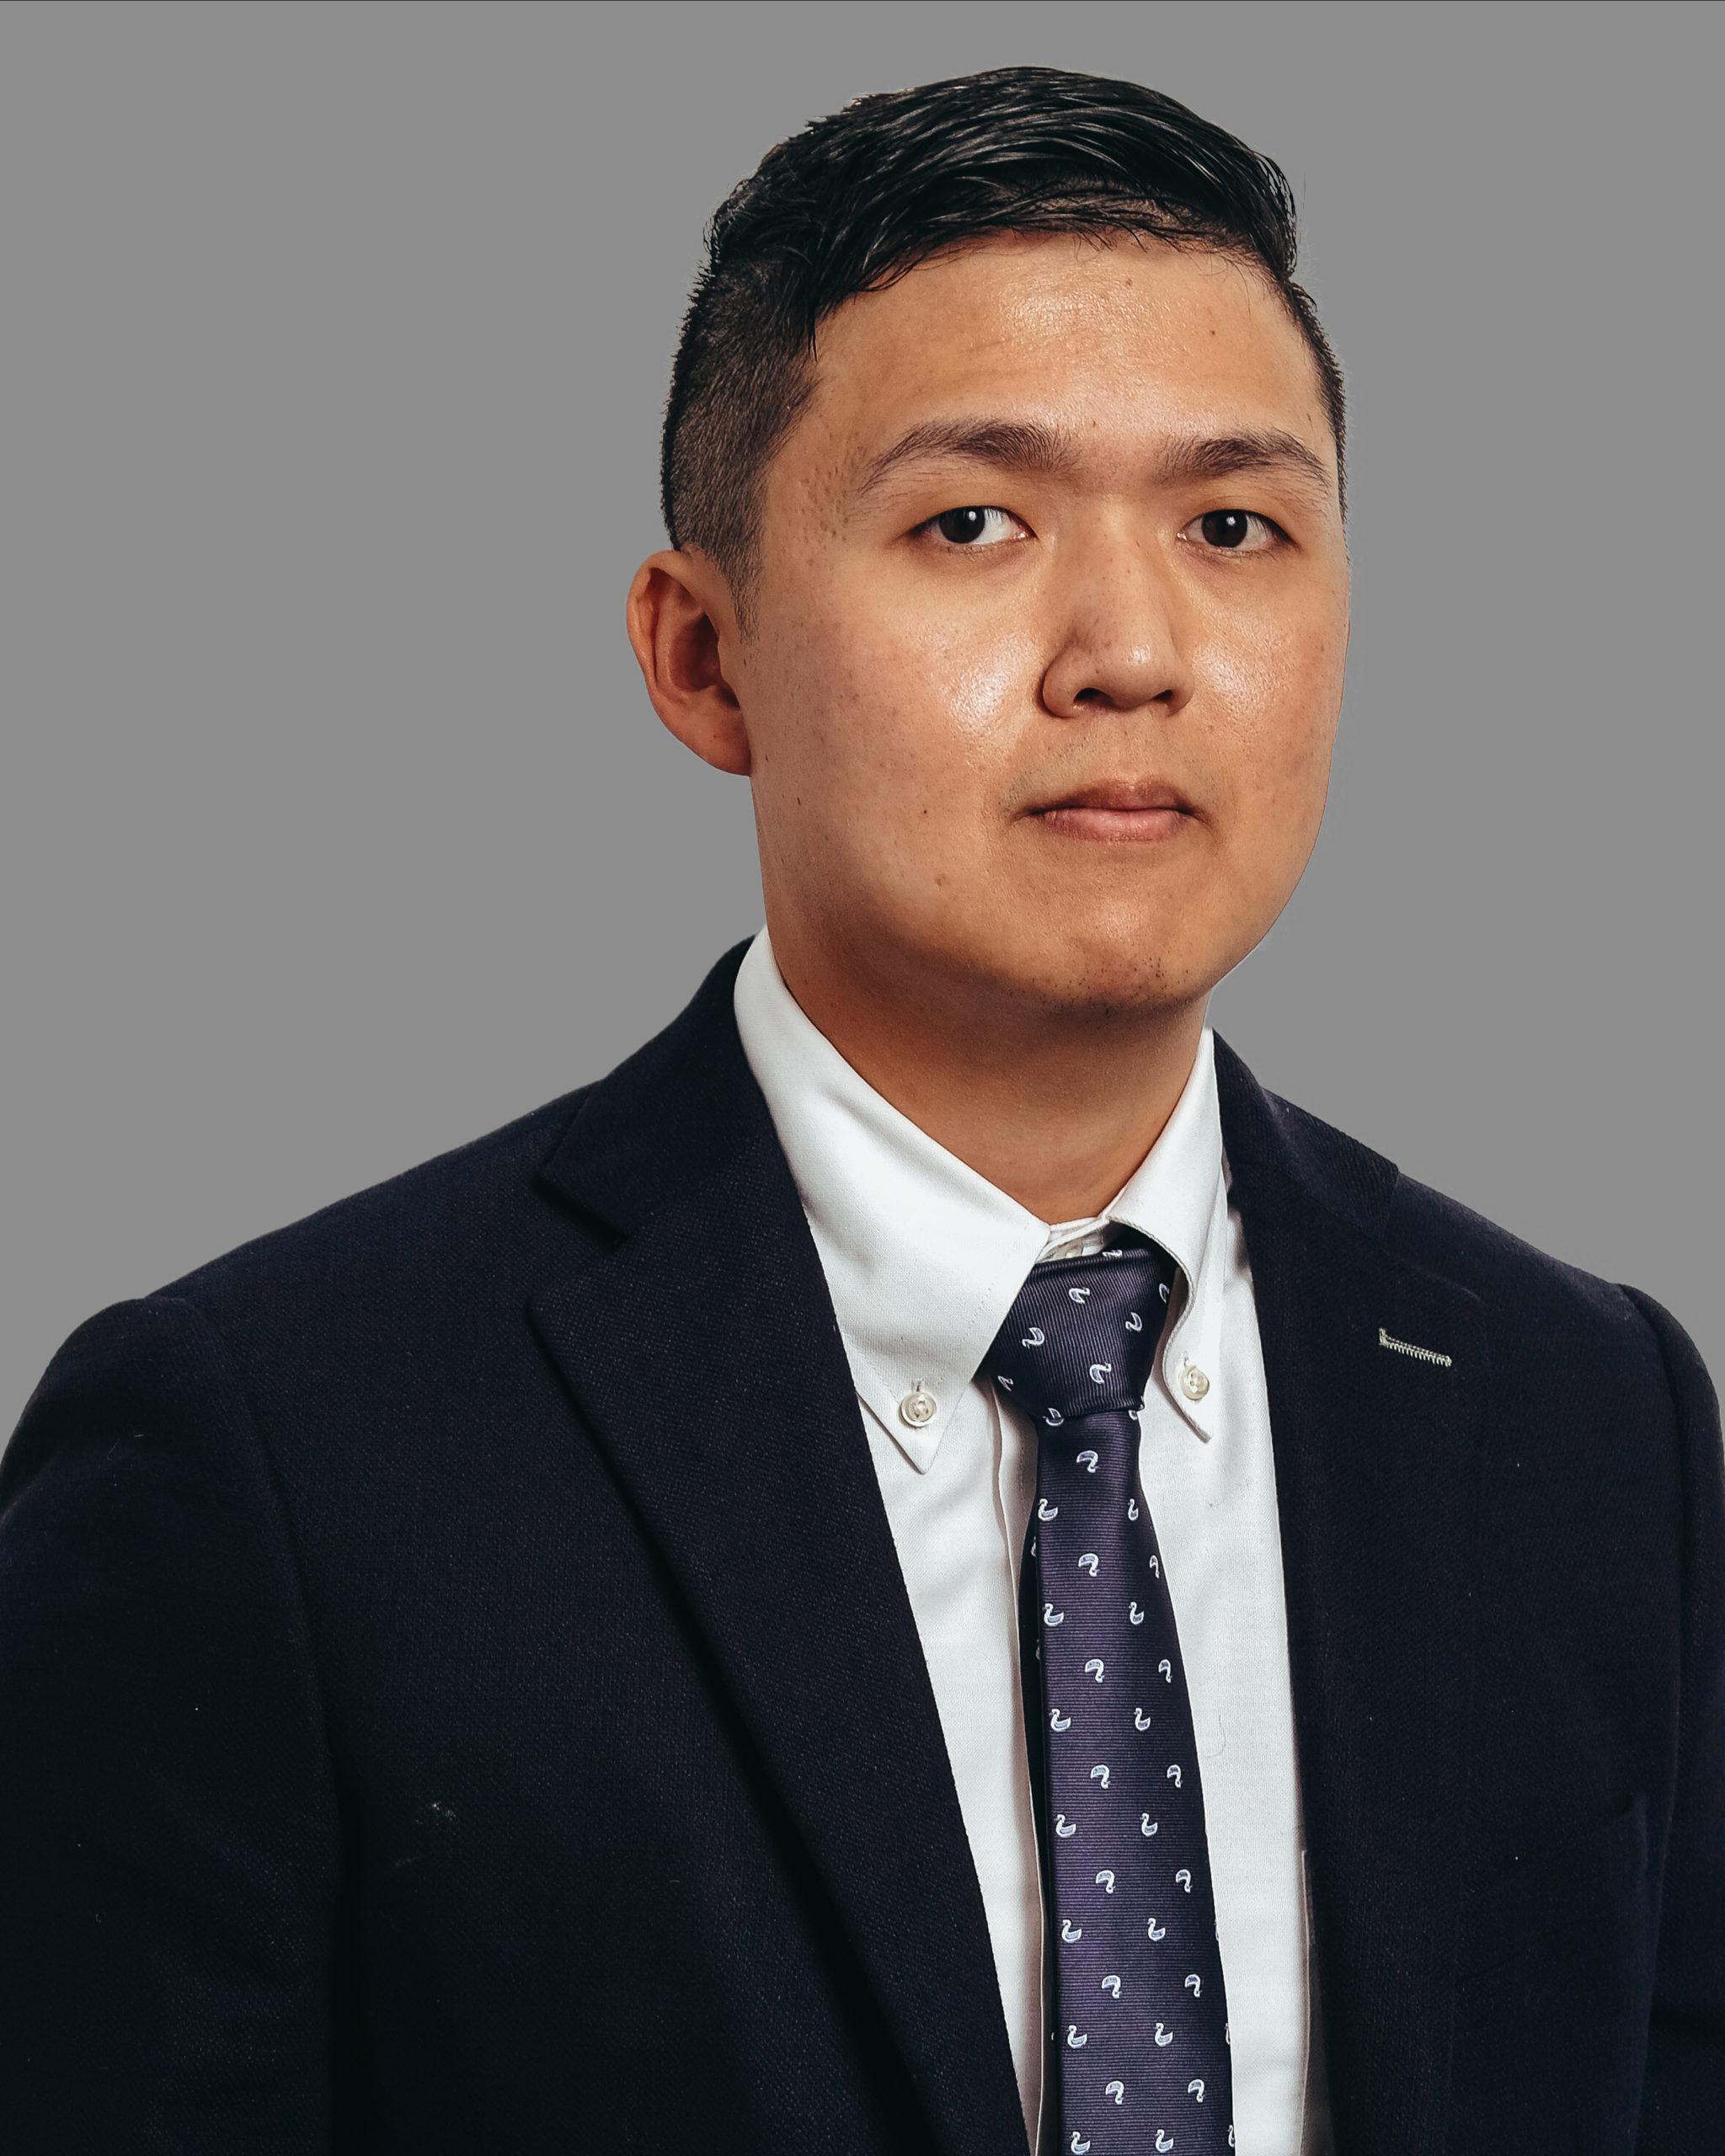 Ting Wei Hu